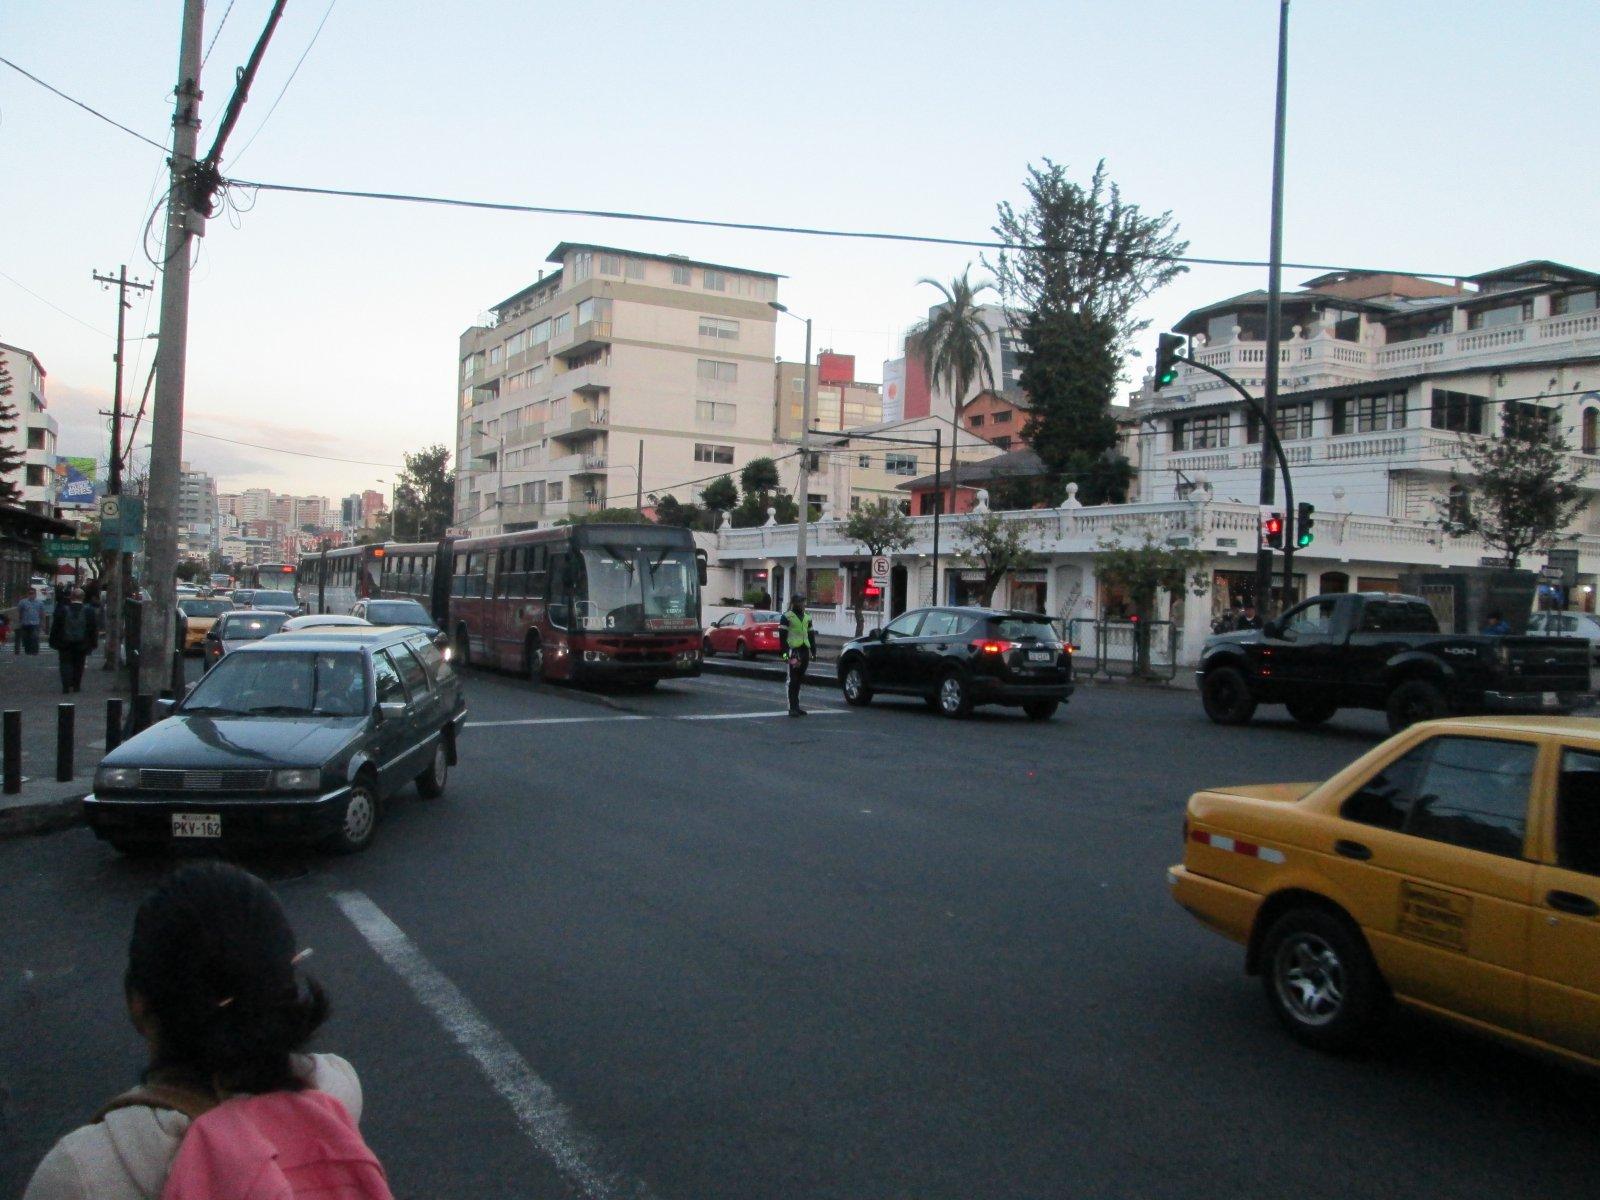 Quito's BRT